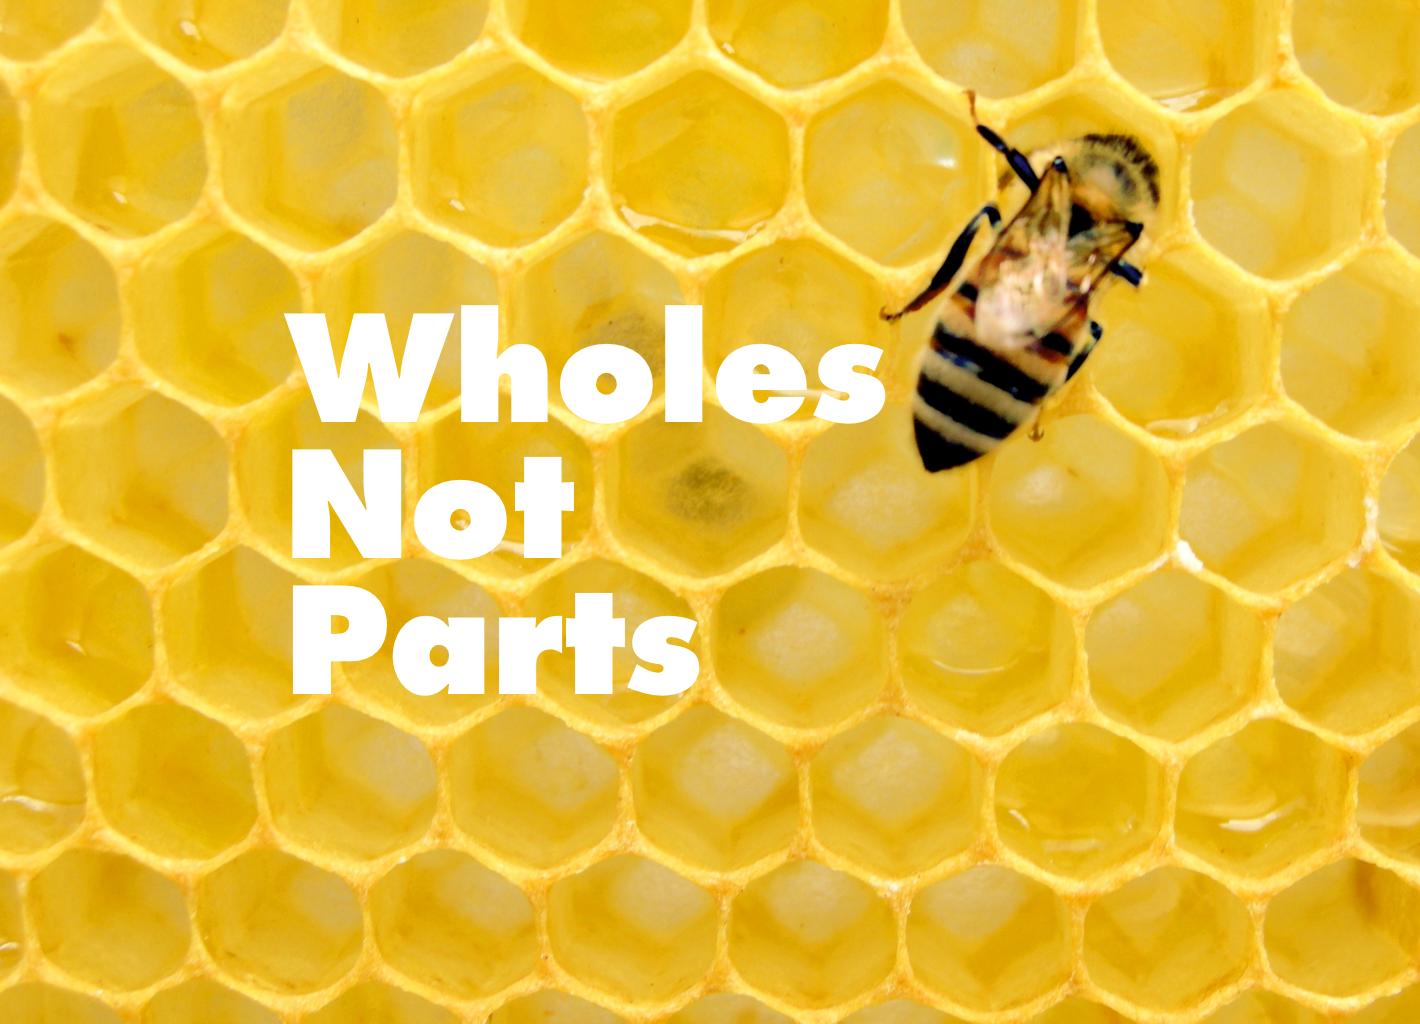 Wholes Not Parts